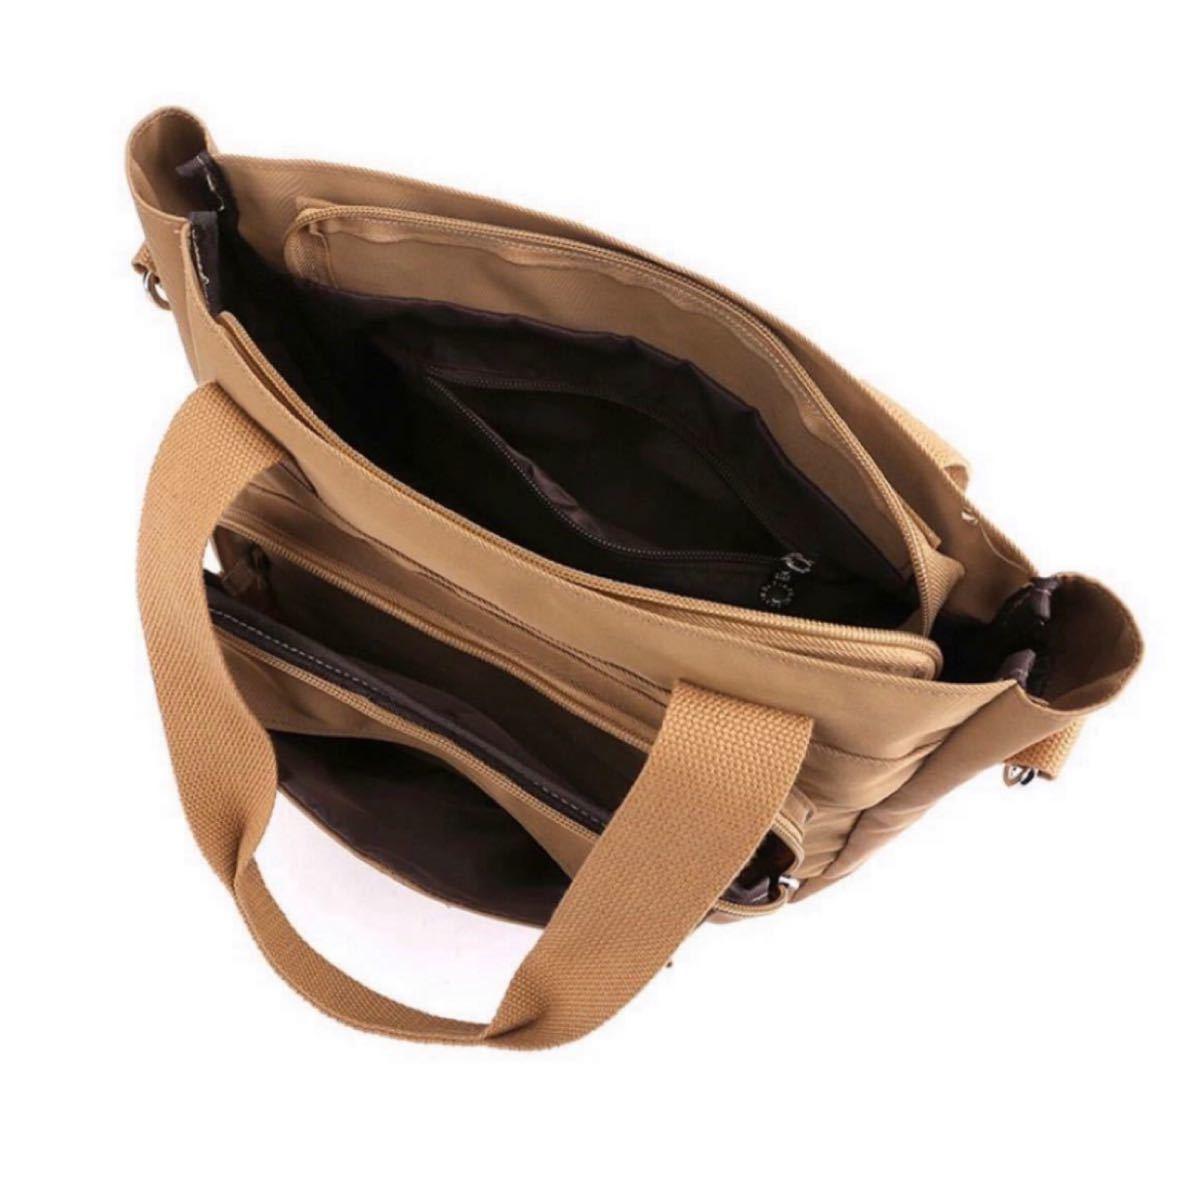 ショルダーバッグ レディース メンズ トートバッグ  メッセンジャーバッグ 2way 大容量 多機能 ナイロン 男女兼用 カーキ